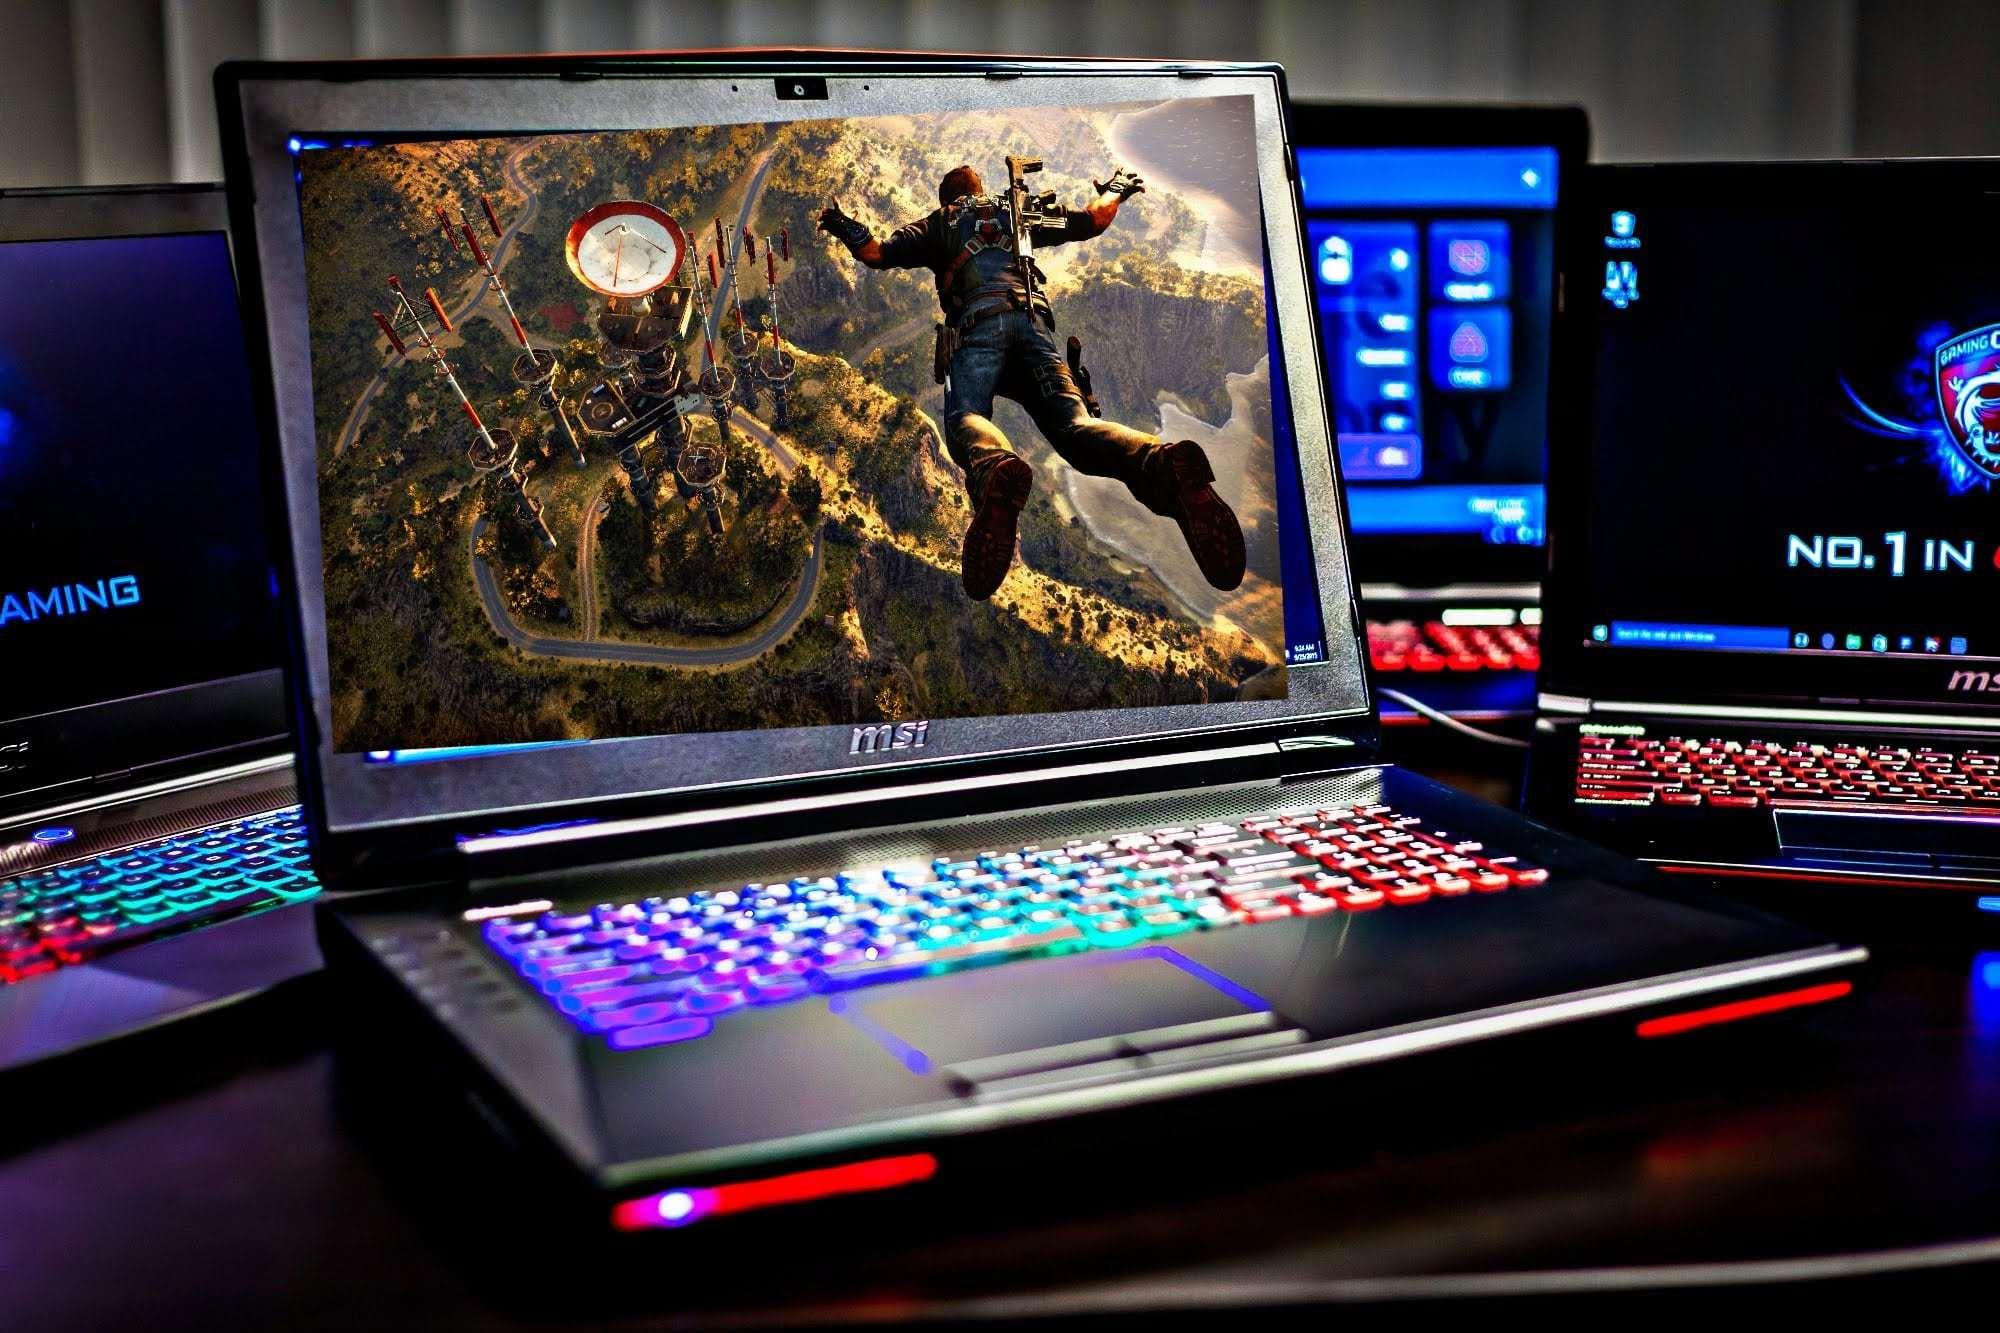 أفضل كمبيوتر للألعاب